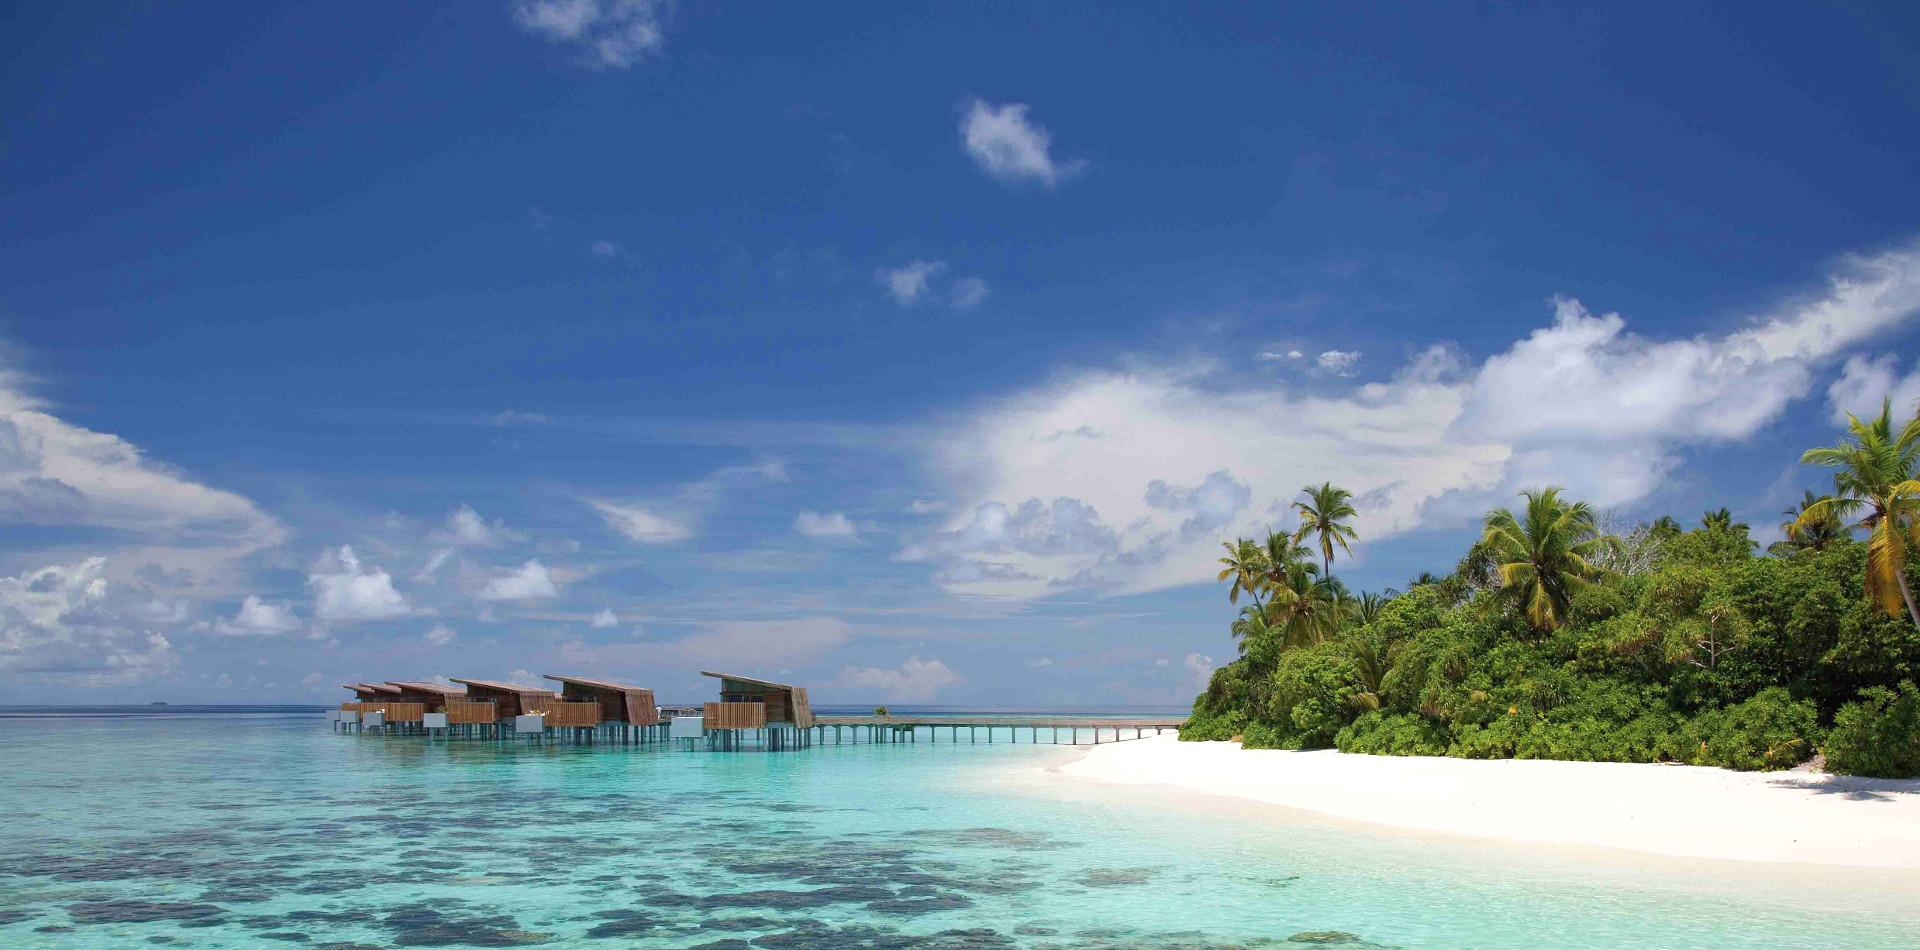 Park Hyatt Malediven Hadahaa, Luxushotel Malediven, Luxusreise Malediven